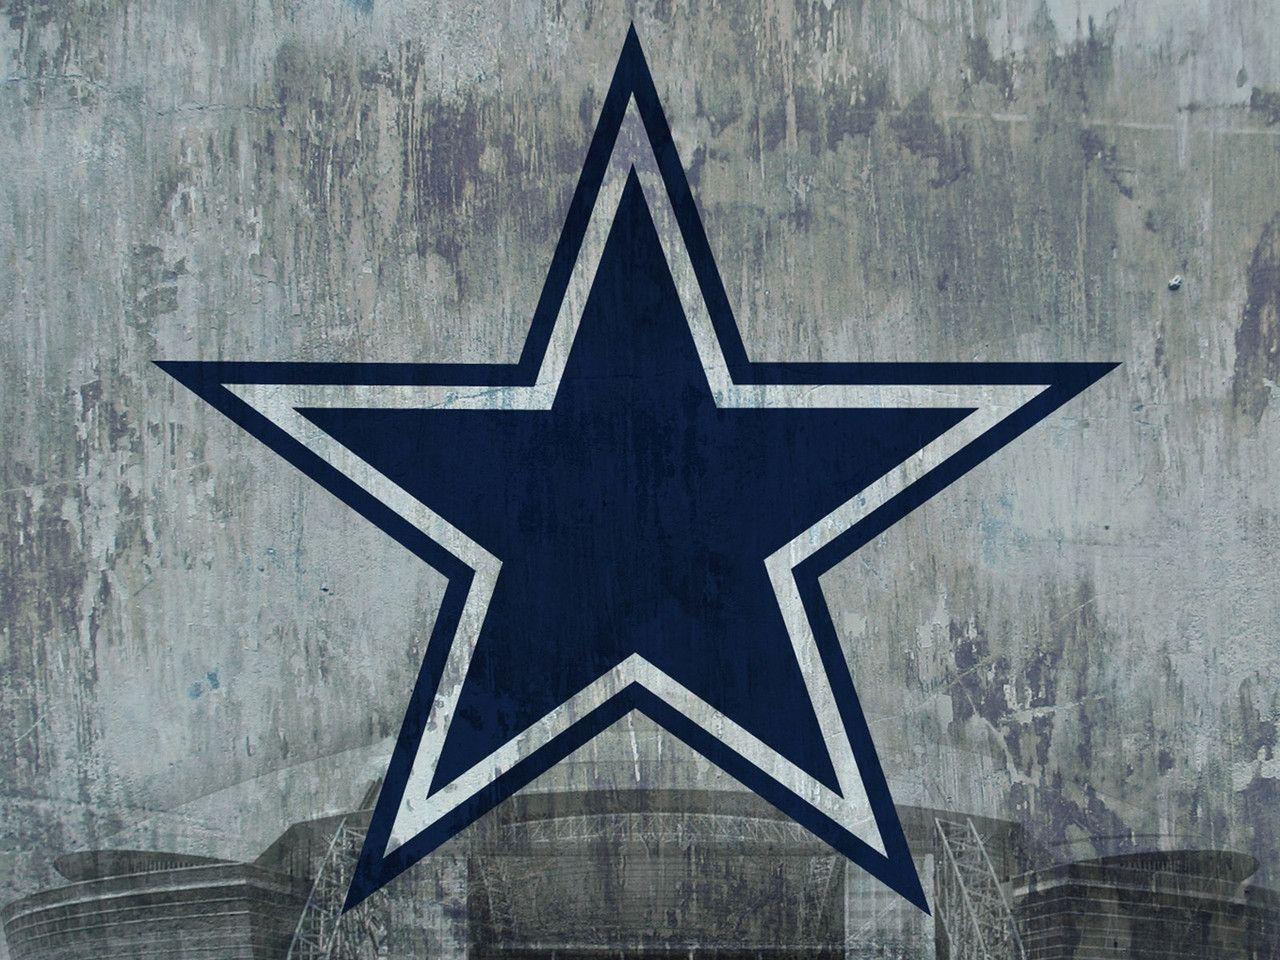 Dallas Cowboys Backgrounds For Desktop 1280x960